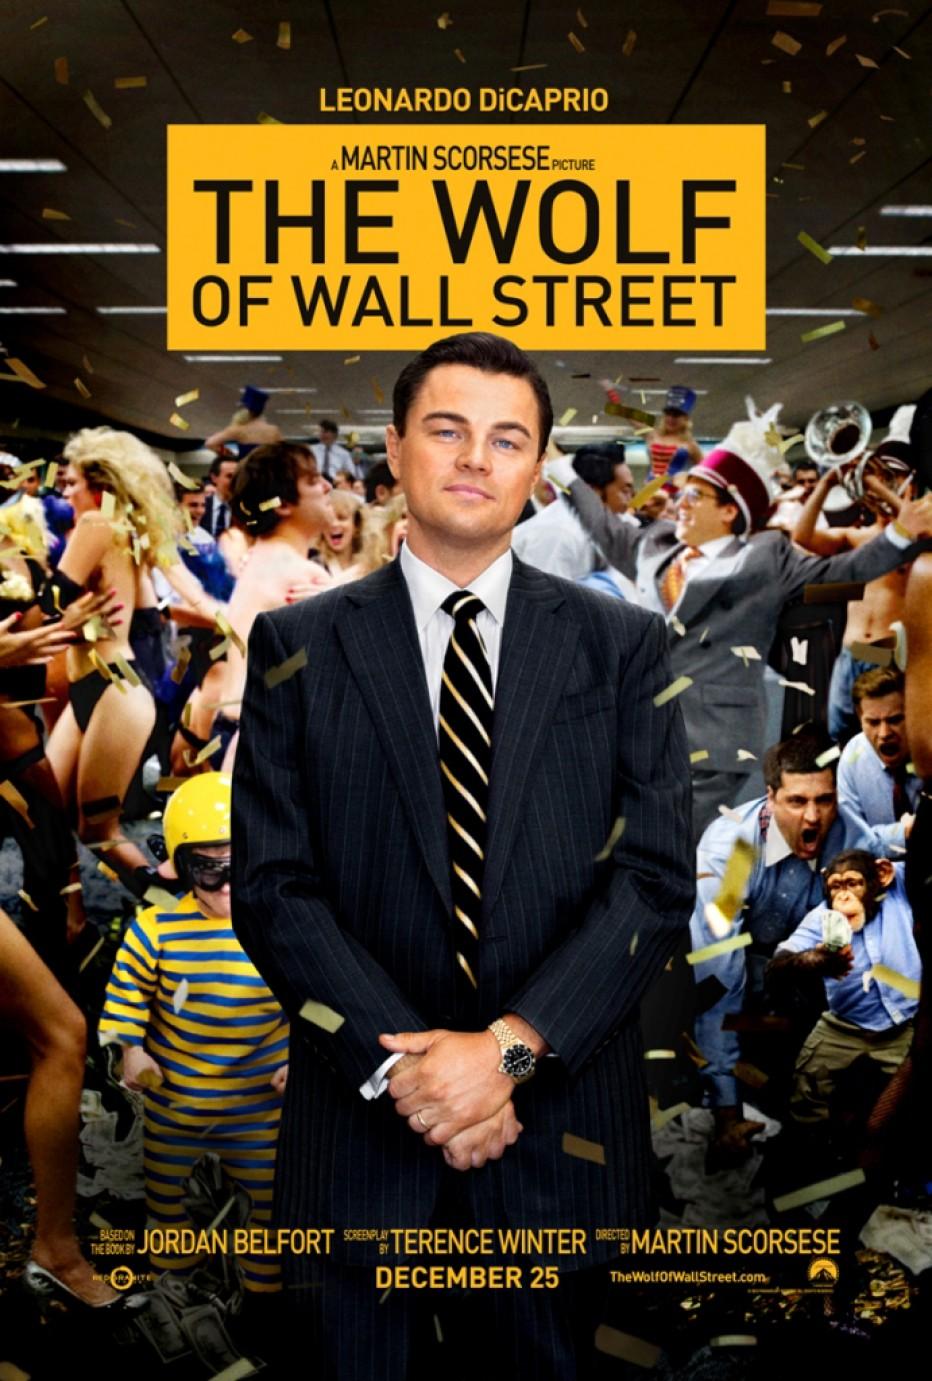 Волкот од Волстрит (The Wolf of Wall Street)